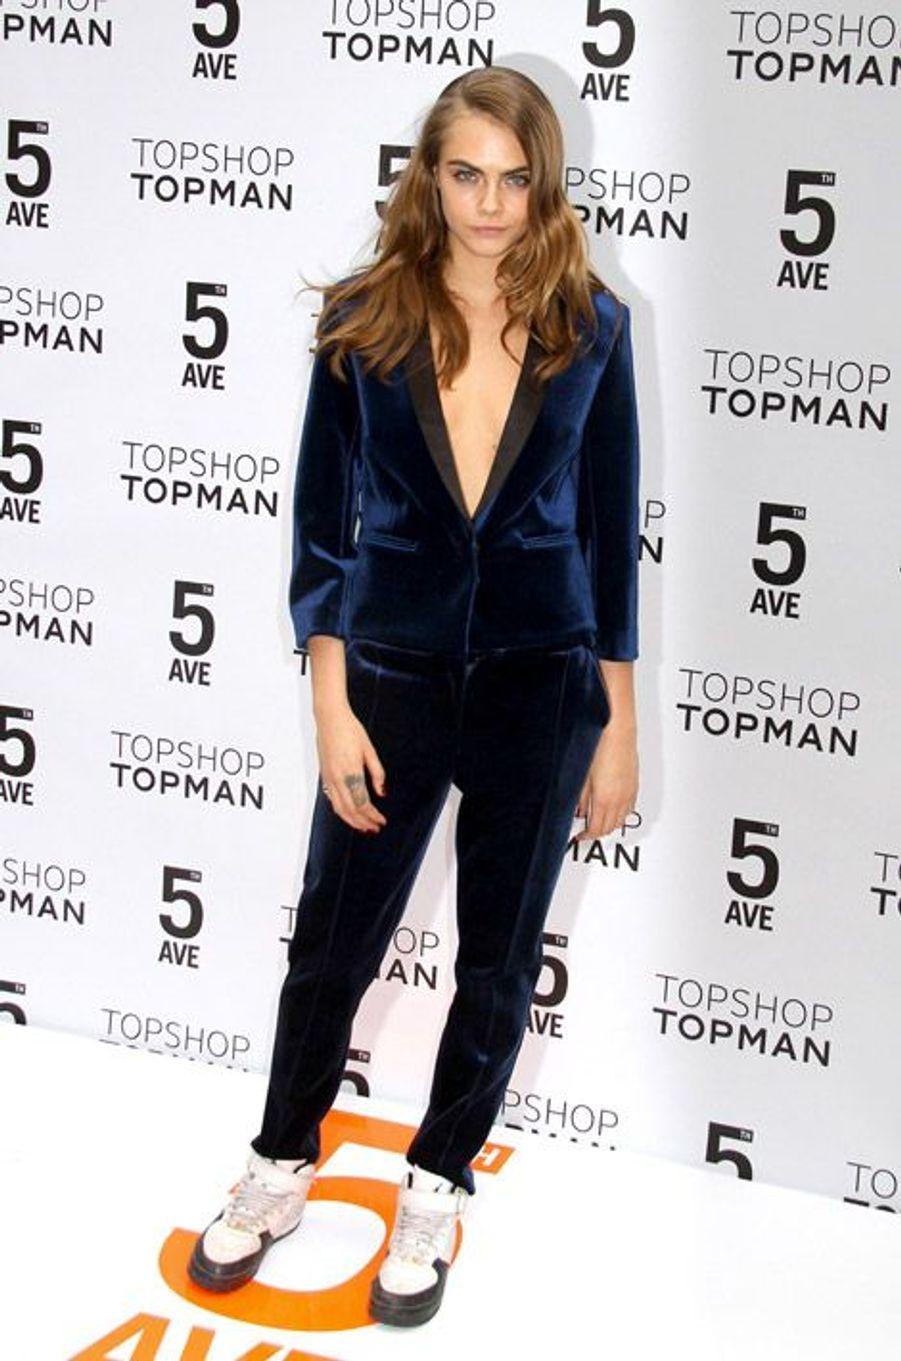 Le mannequin Cara Delevingne lors de l'inauguration de la boutique Topshop à New York, le 5 novembre 2014